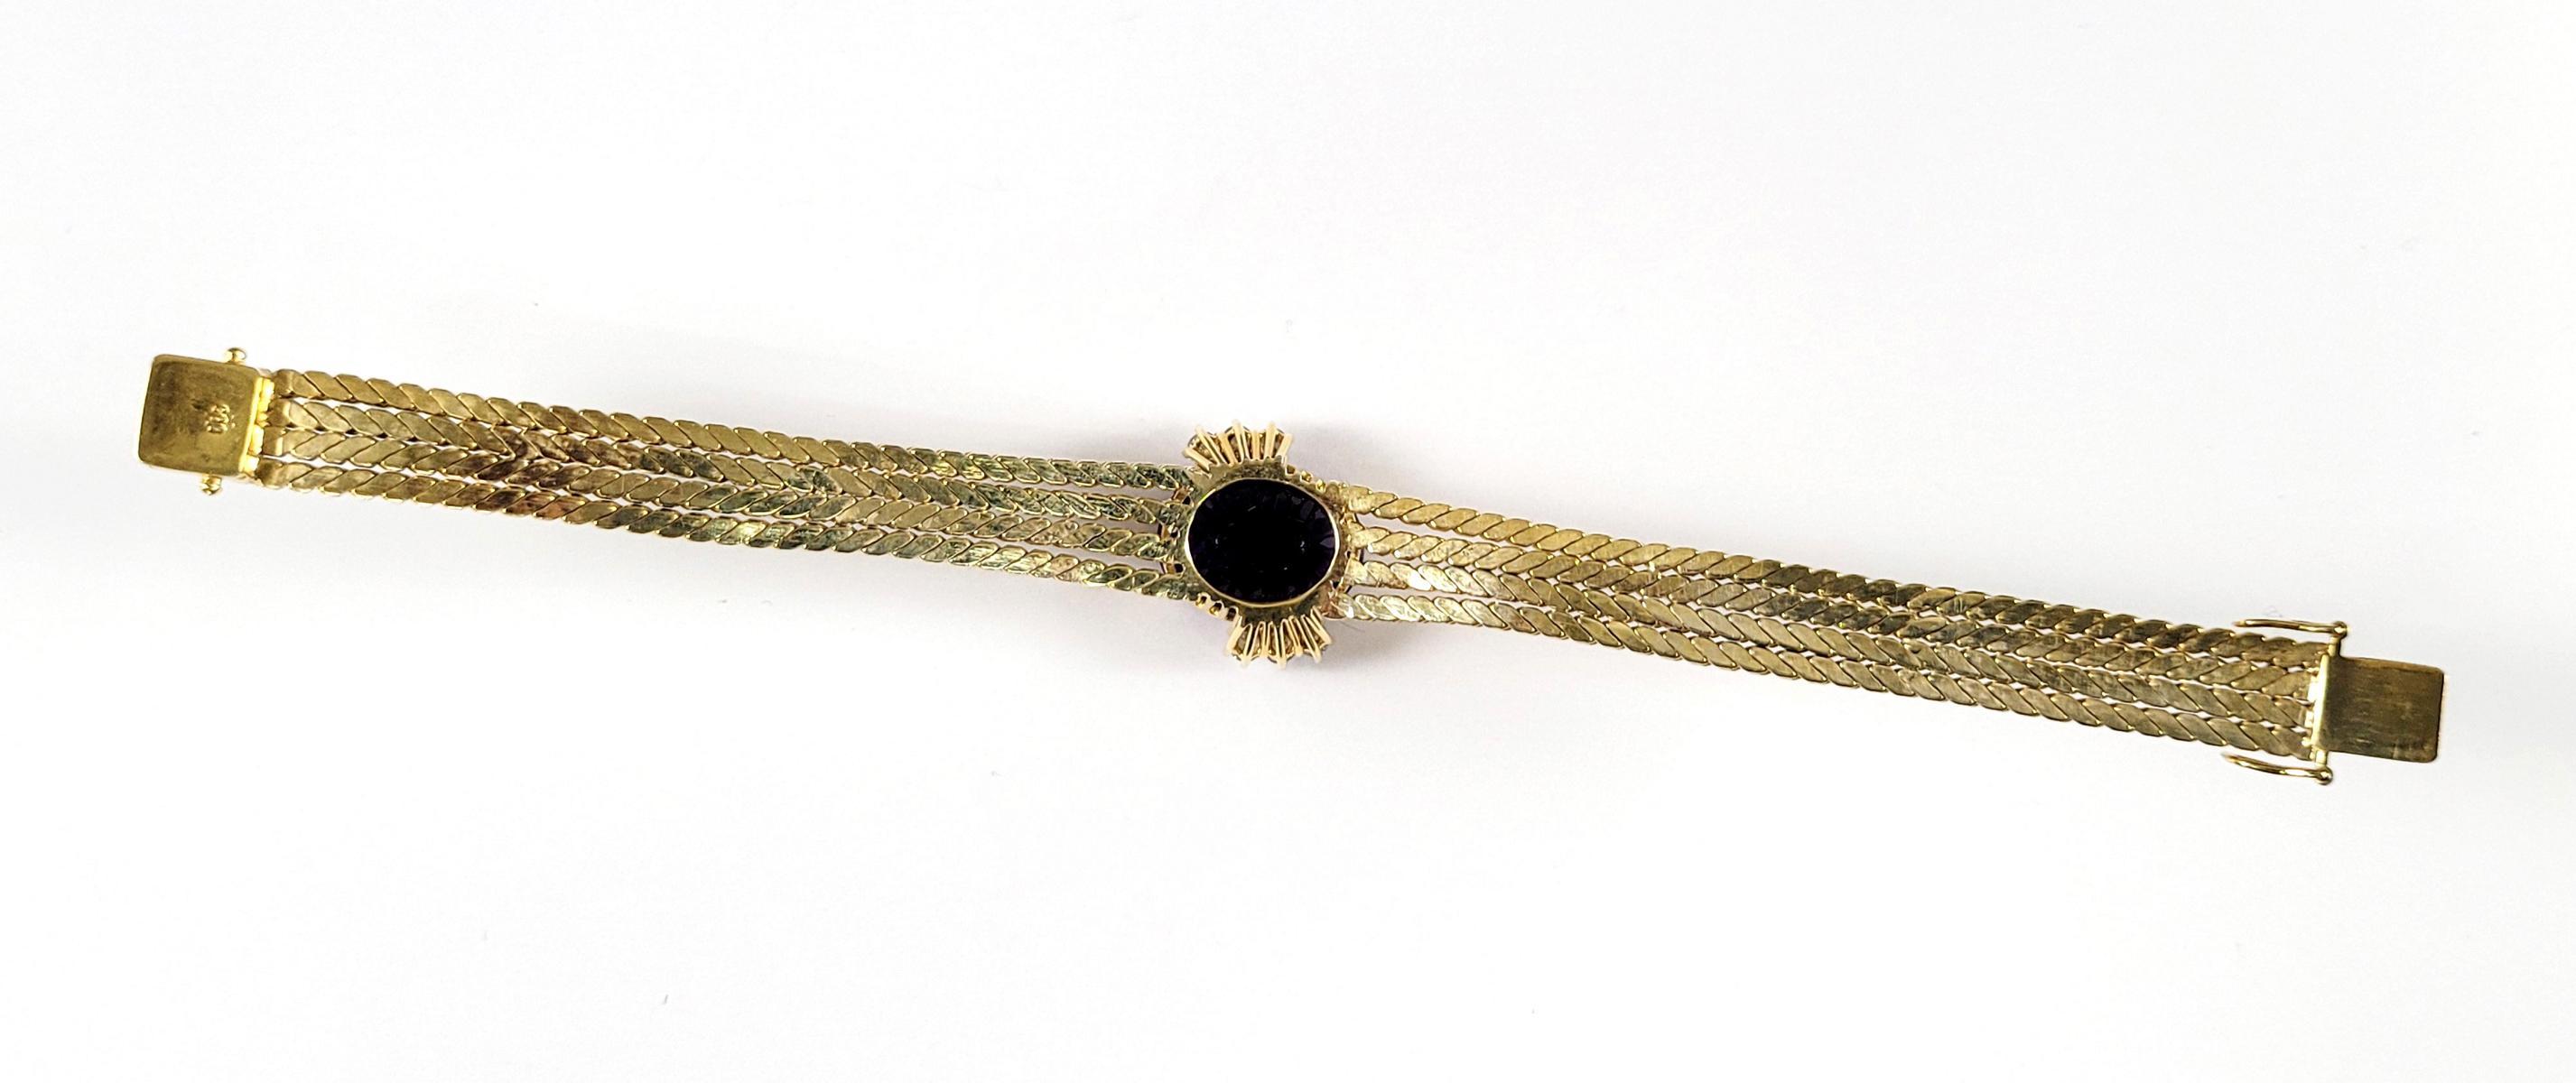 Damenarmband mit großem, facettierten Amethyst und Diamanten, 14 Karat Gelbgold-3